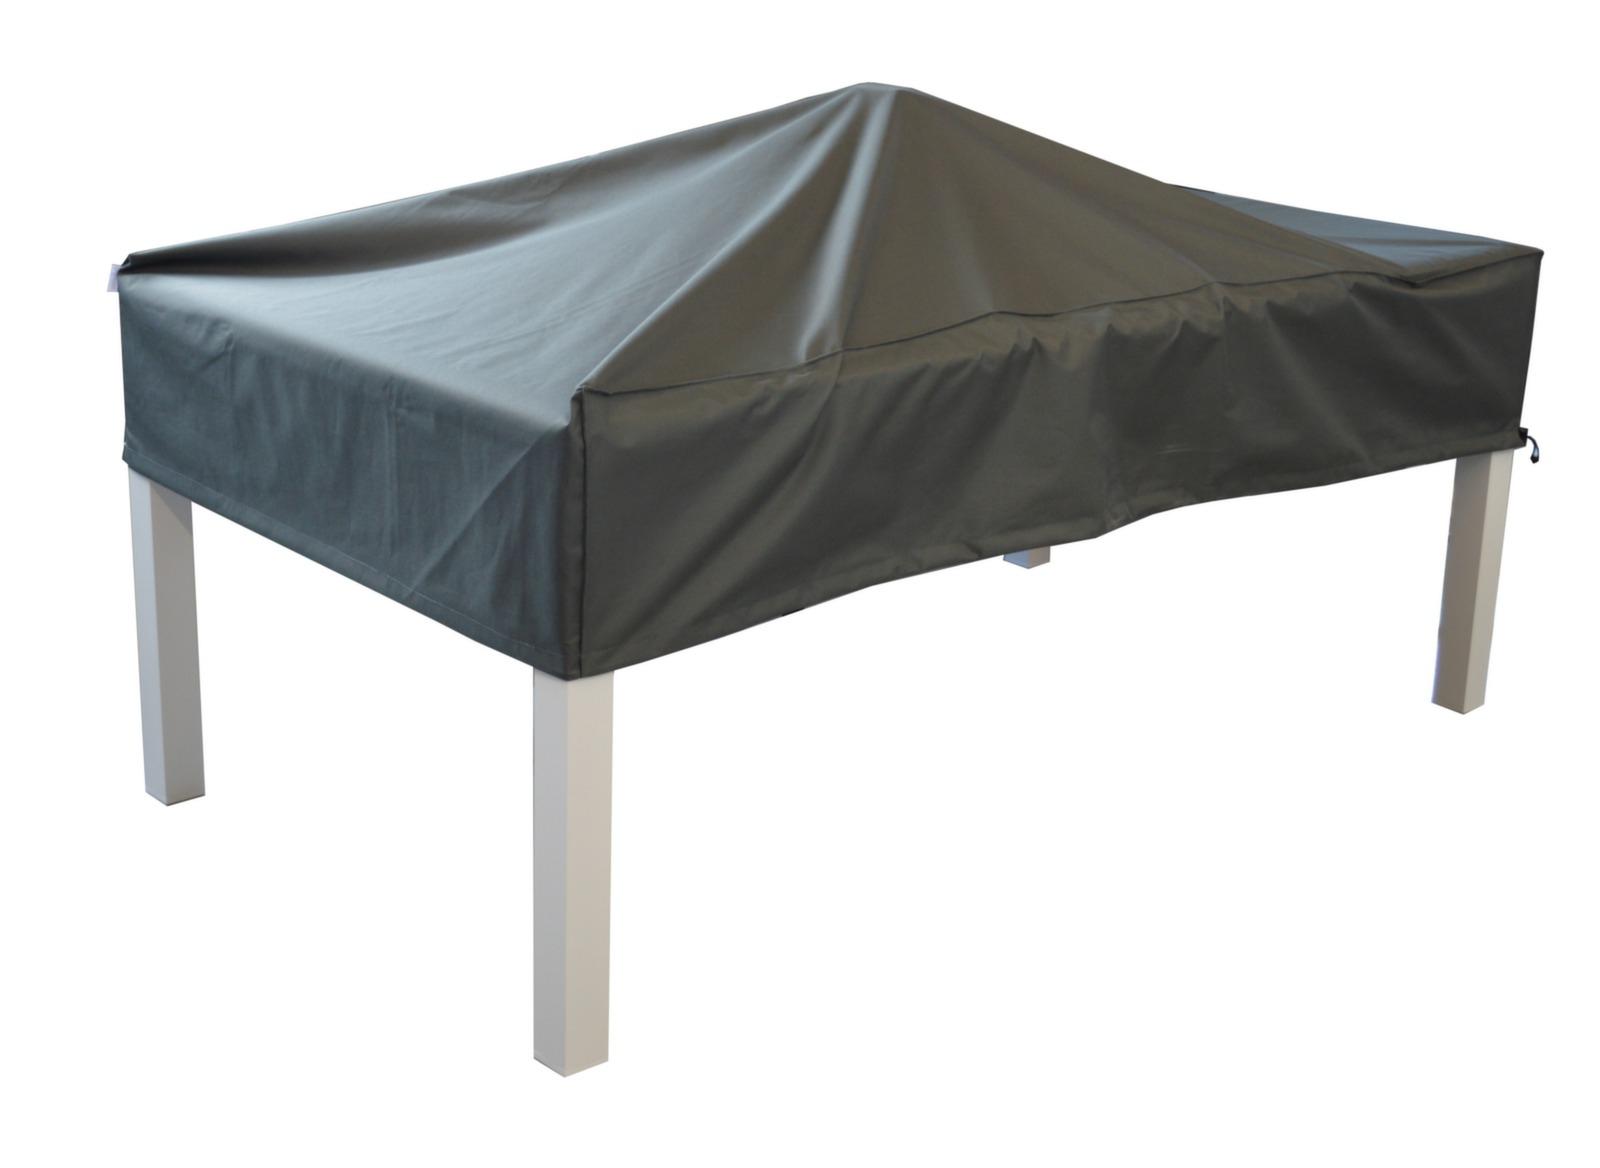 Housse De Protection Pour Tables intérieur Housse Table Jardin Rectangulaire